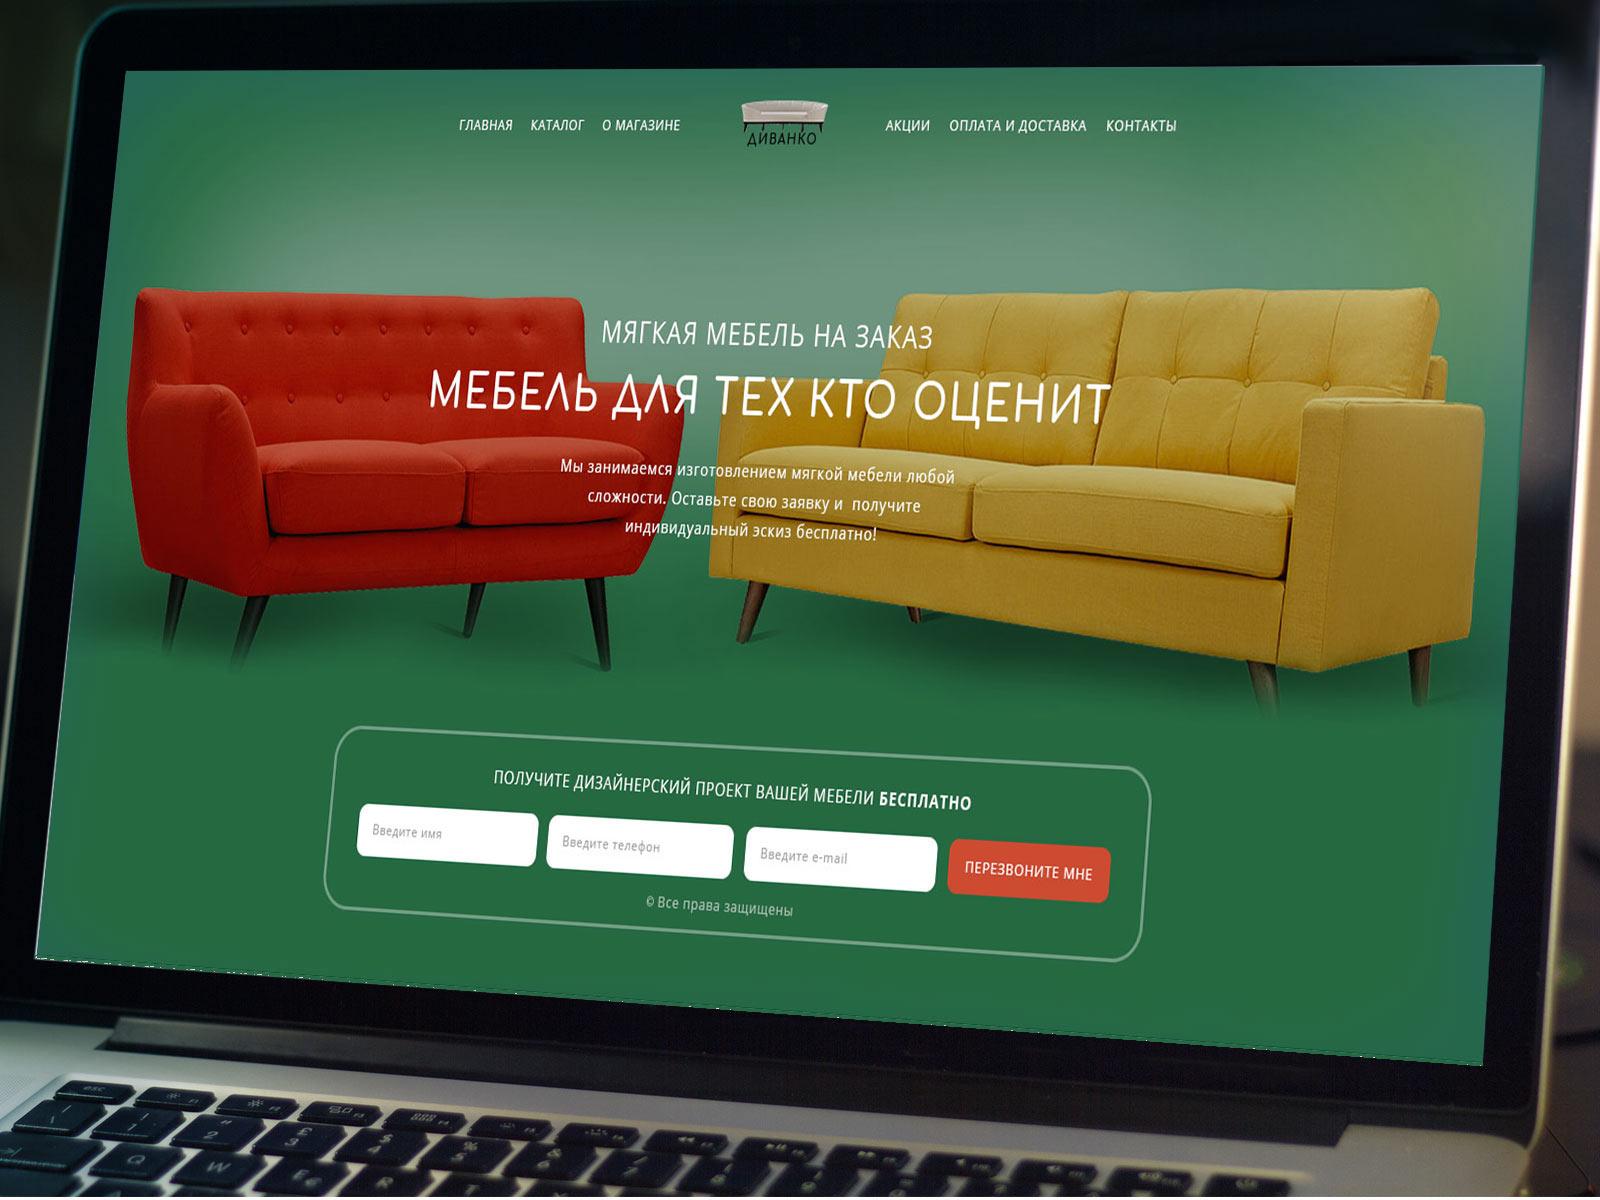 Фрилансеры мебель freelancer открыть все системы